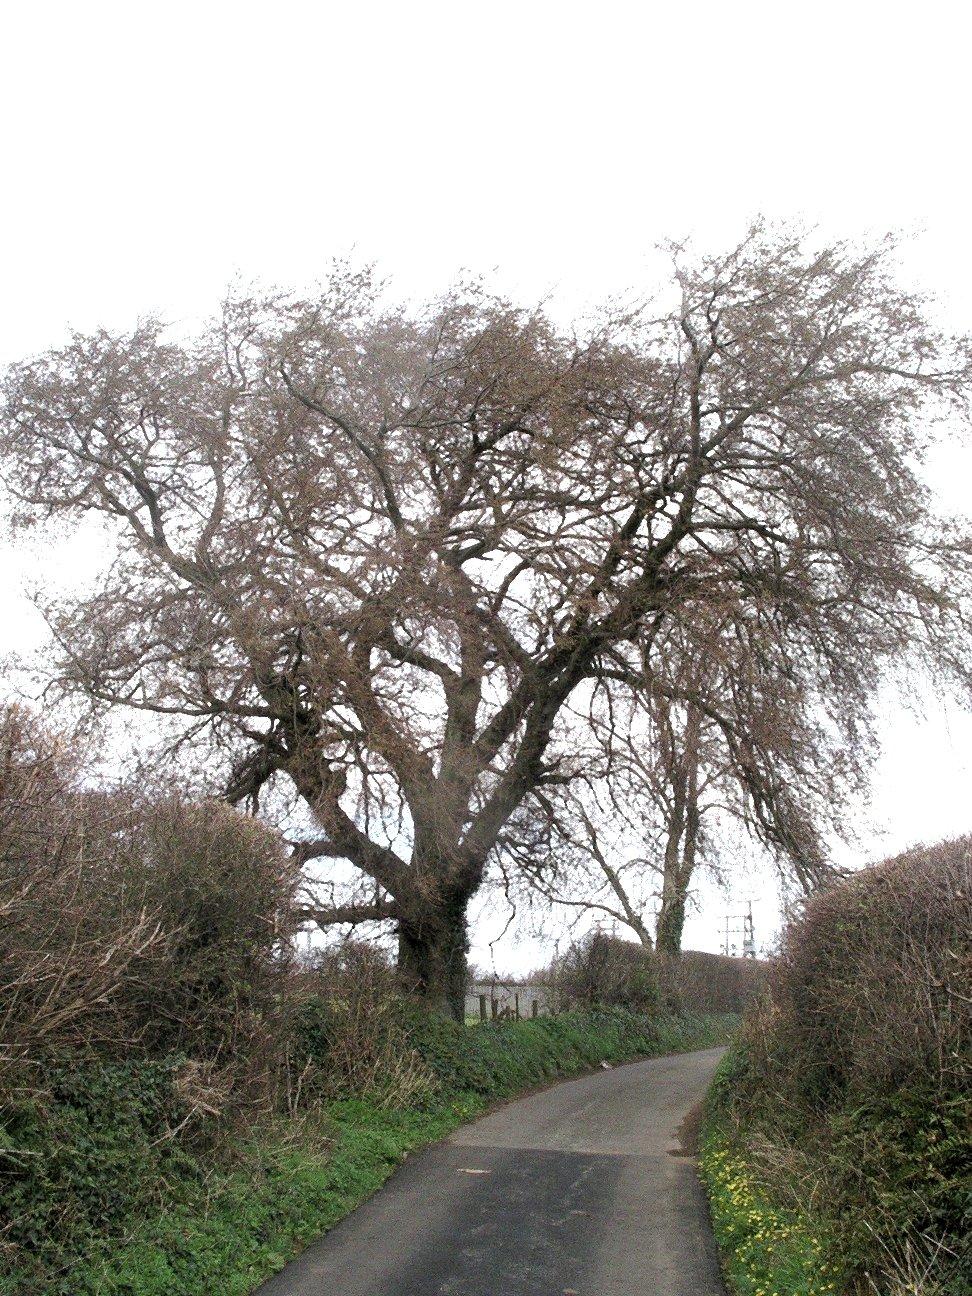 Llandegfan_Elm_tree.jpg